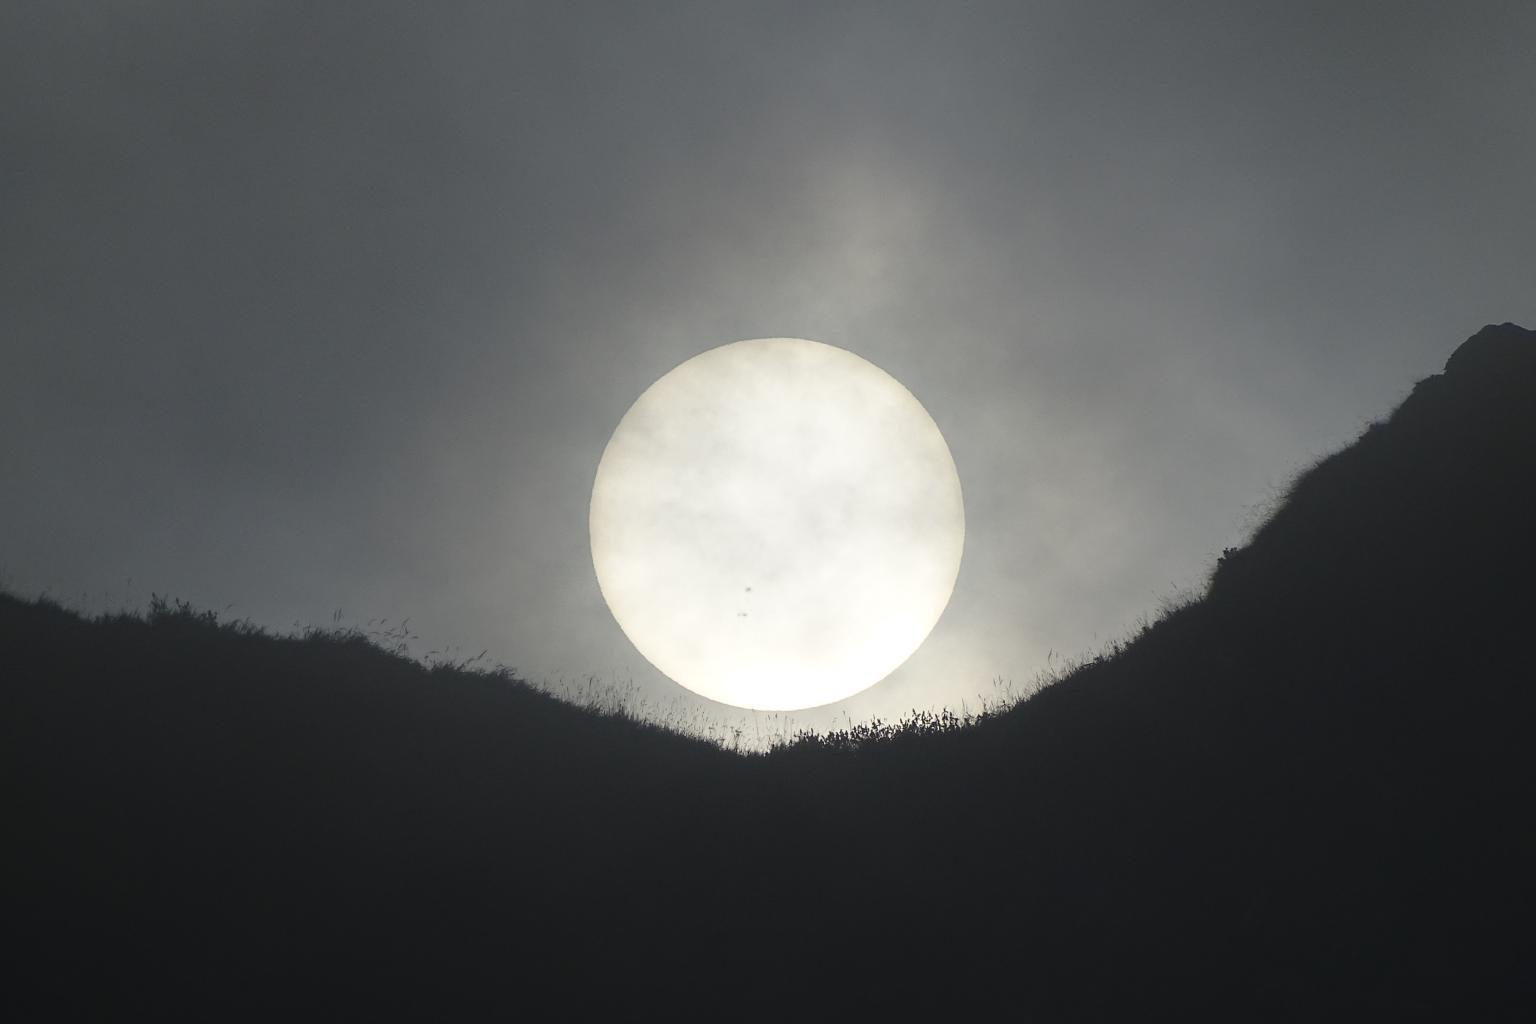 il sole fa capolino tra le nebbie...